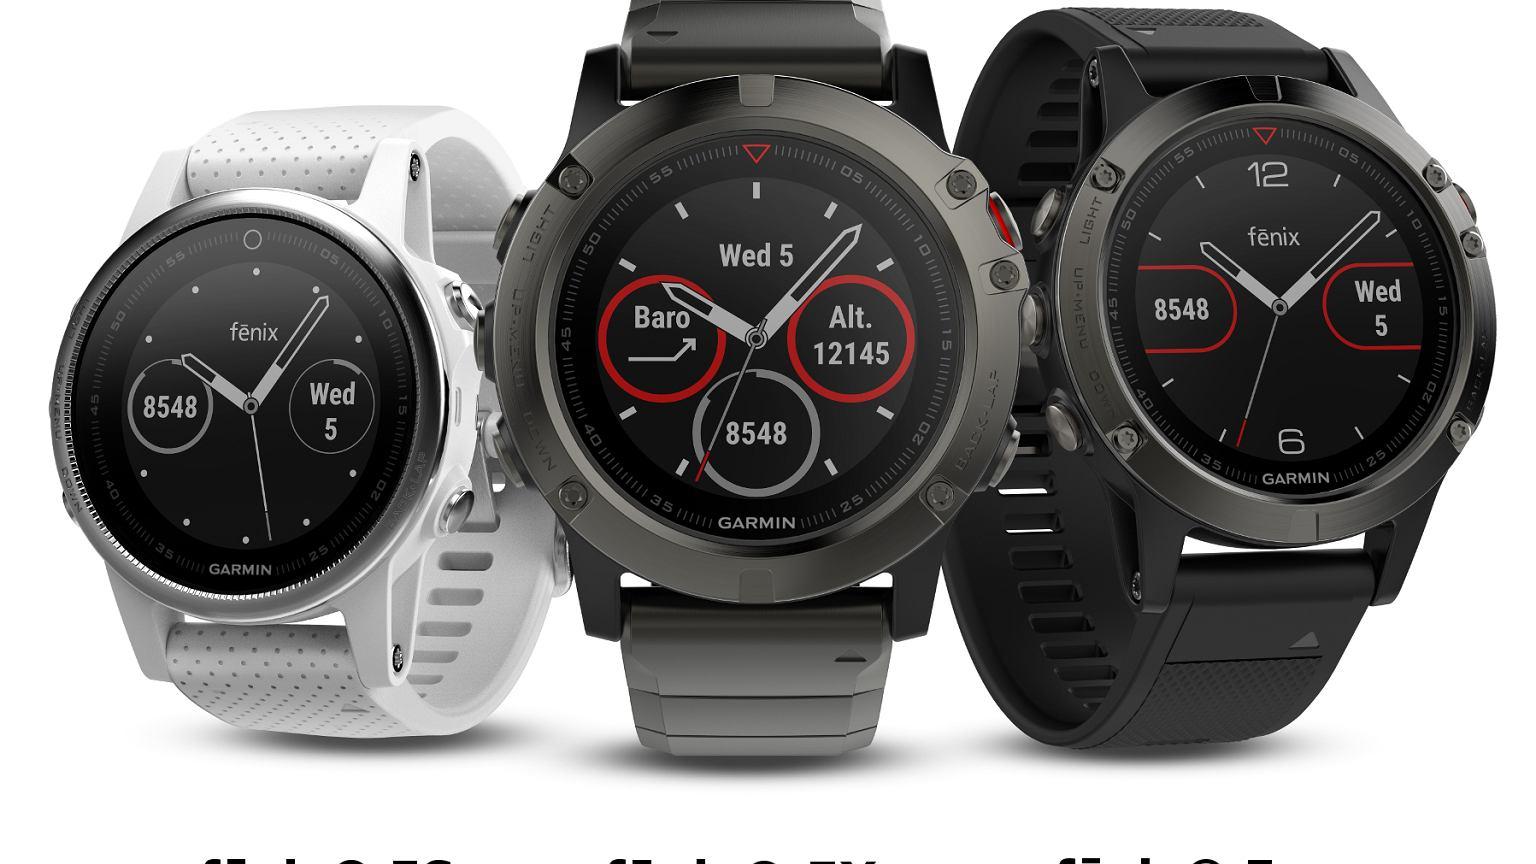 bf657f21f04c4 Garmin fenix 5 - multisportowe zegarki GPS dla sportowców i poszukiwaczy  przygód